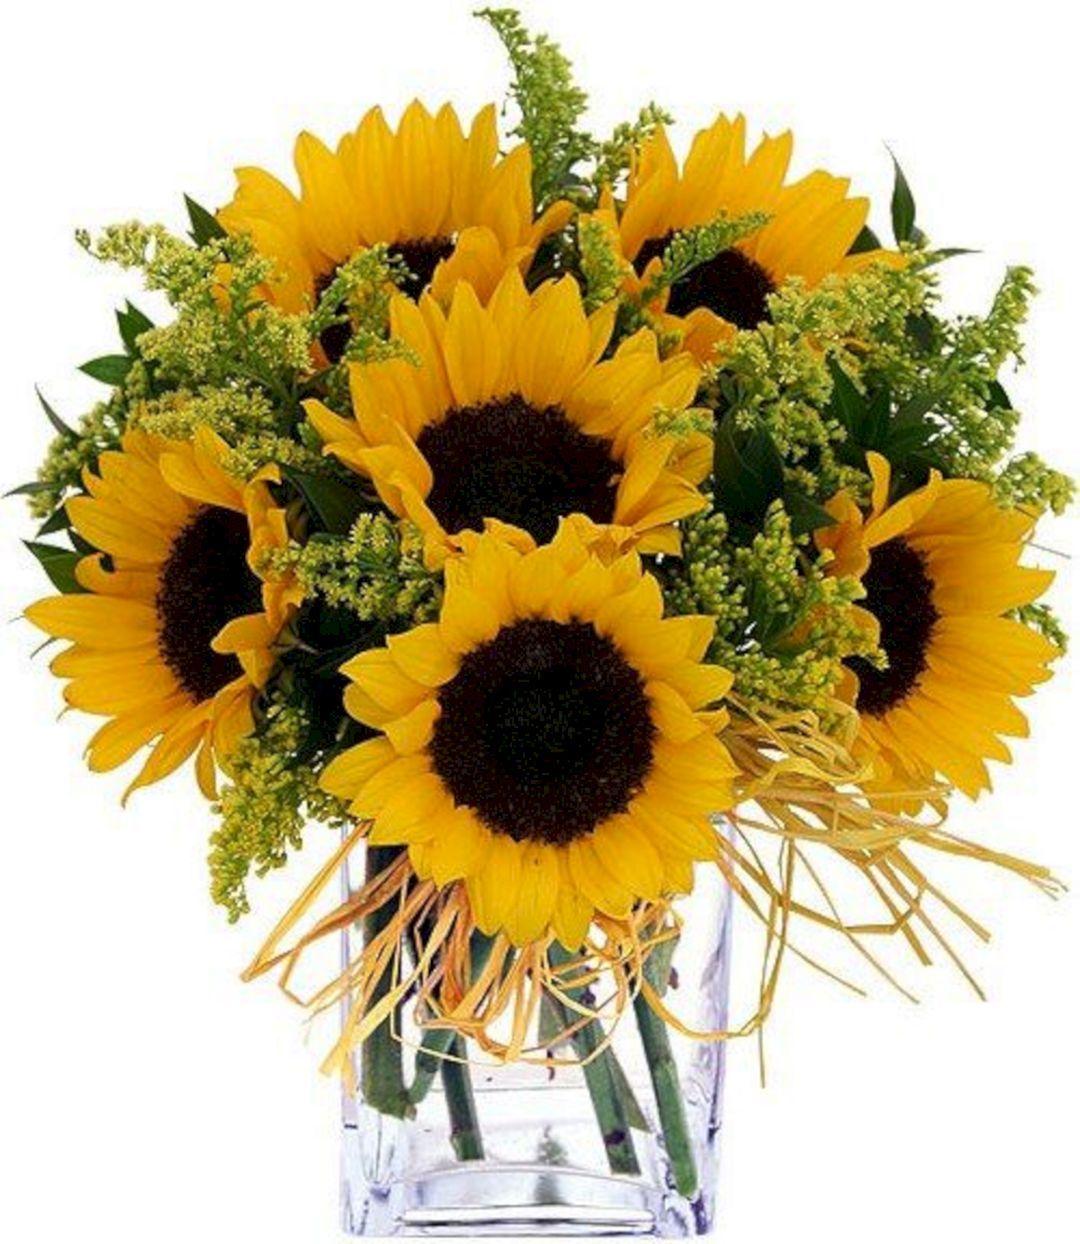 Sunflower Wedding Bouquet Ideas: 50+ Beautiful Fall Wedding Bouquets With Sunflowers Ideas